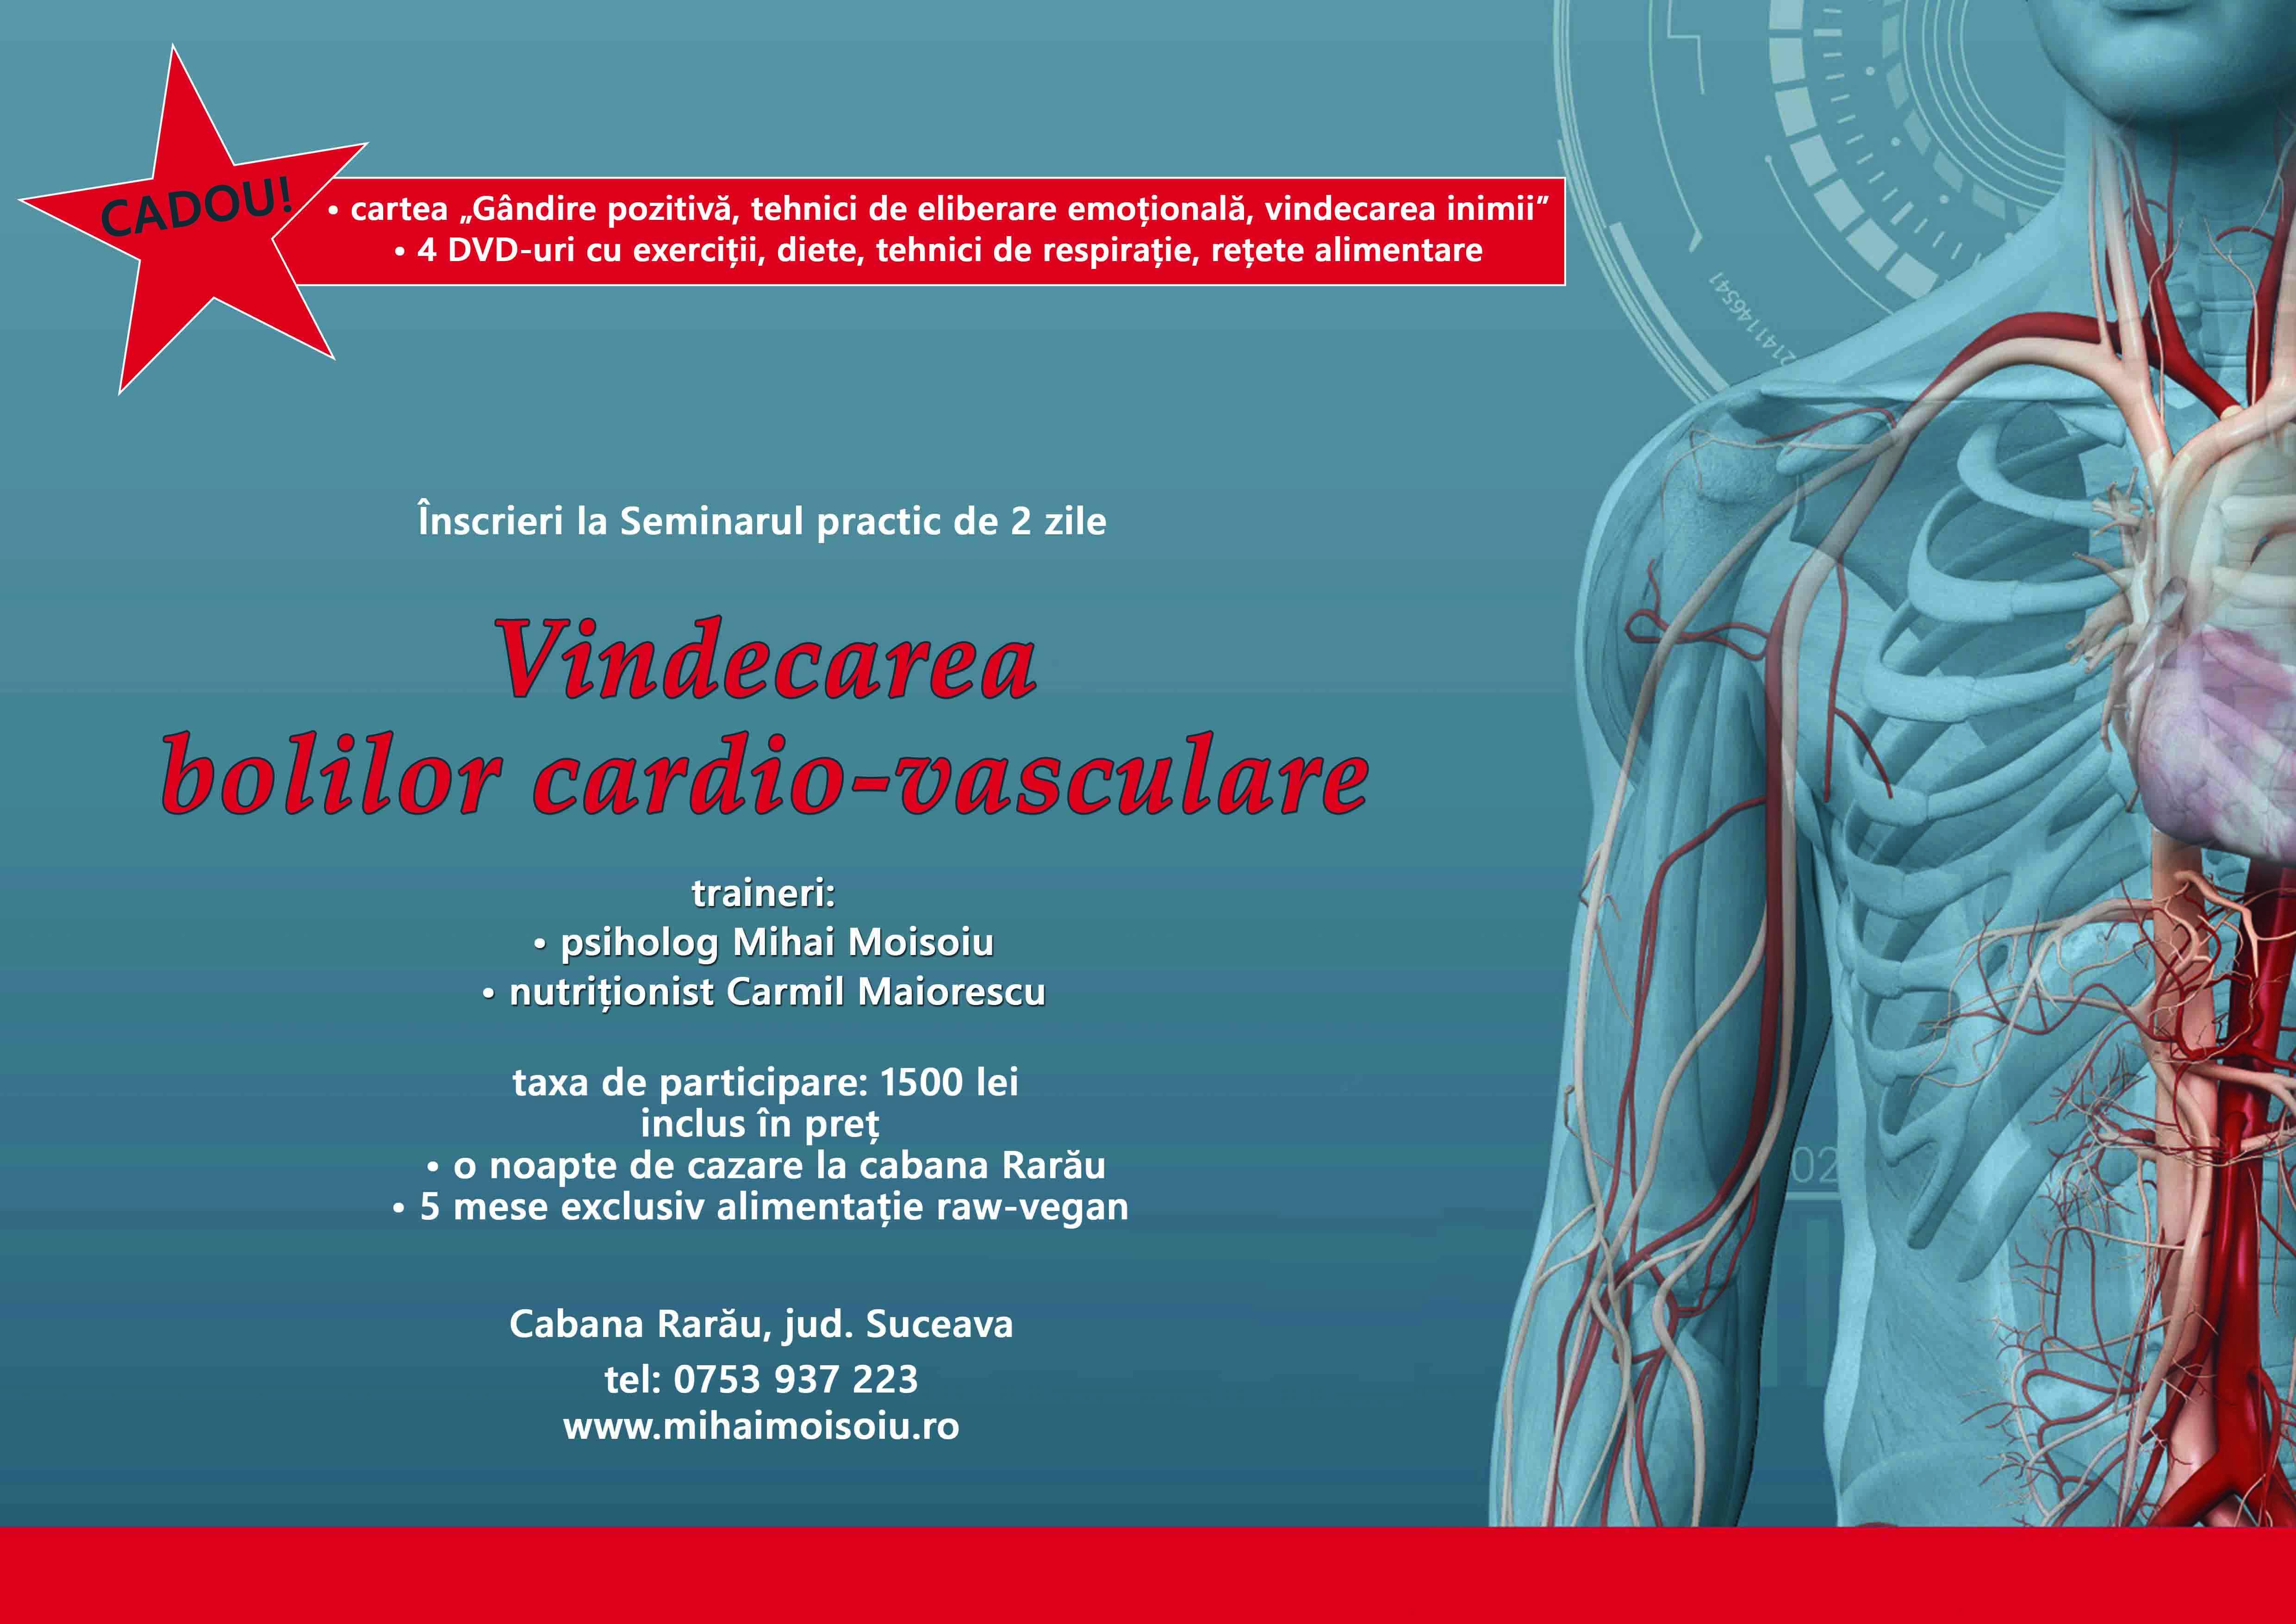 Vindecarea bolilor cardio-vasculare